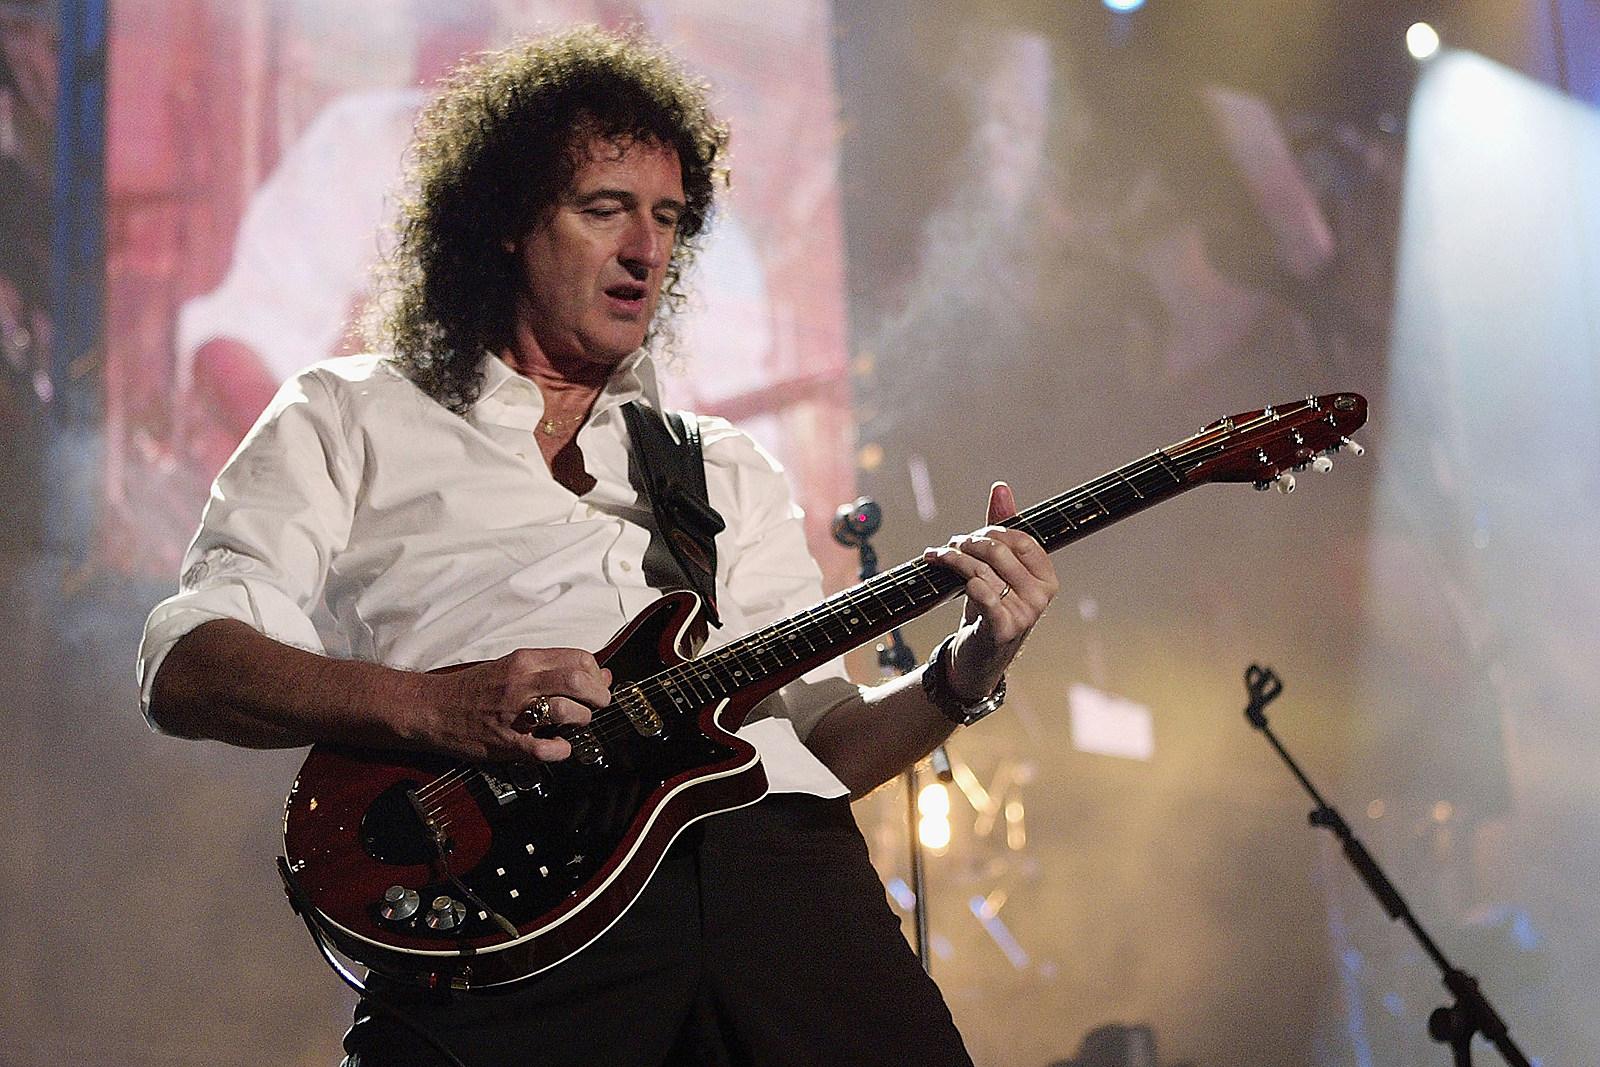 Brian May Shares Memories About GNR, Eddie Van Halen: Interview